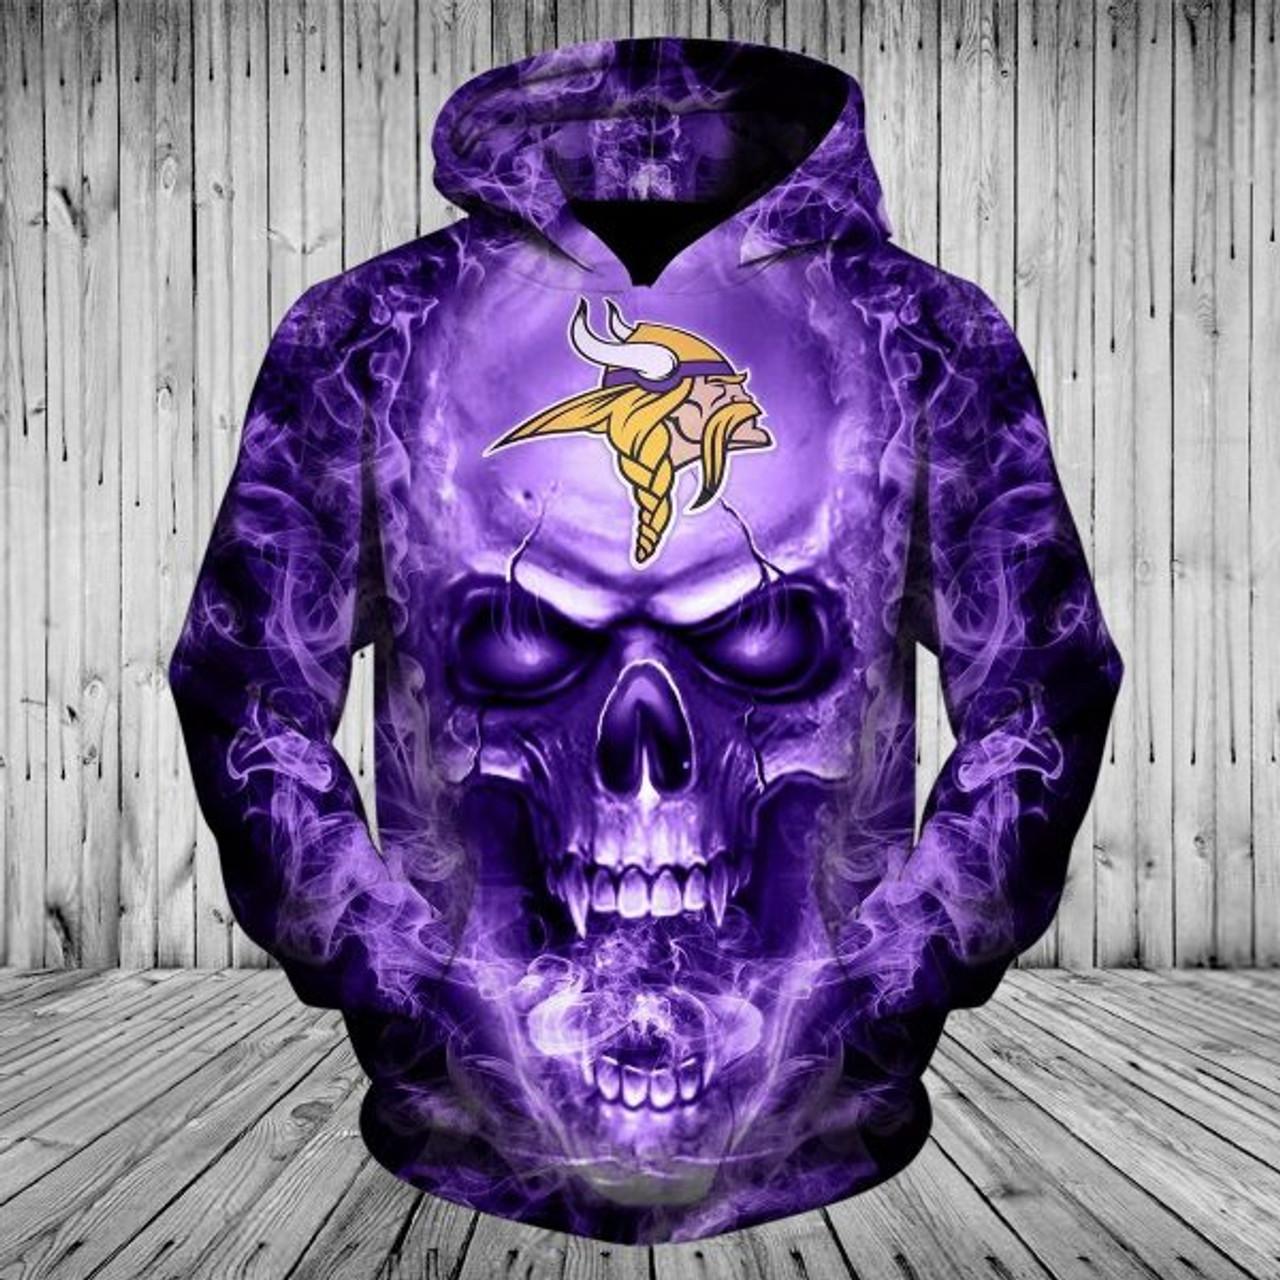 vikings armed forces sweatshirt